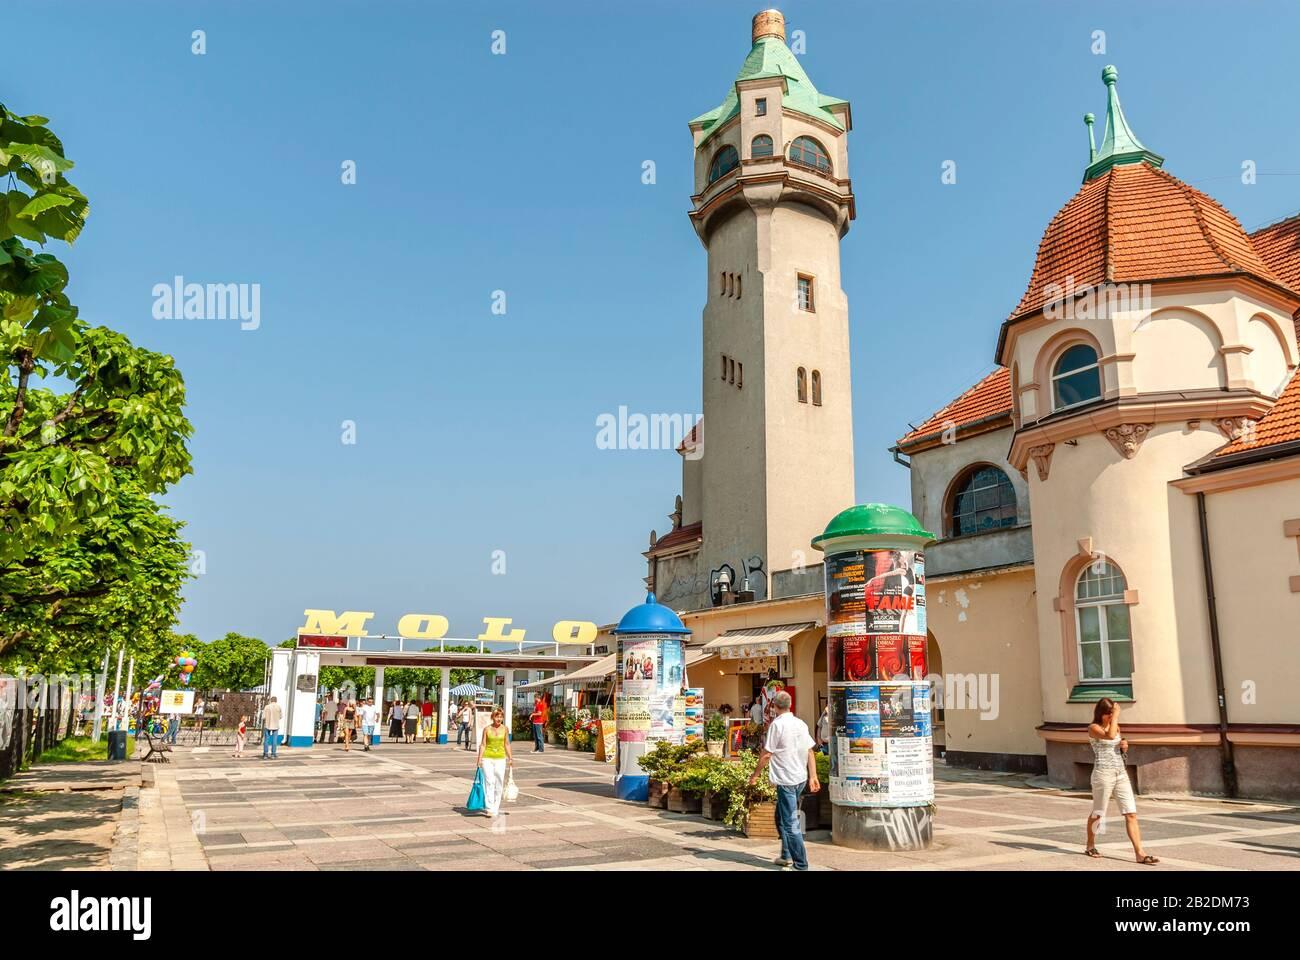 Strandpromenade am Molo Pier mit dem Leuchtturm von Sopot, Polen Stockfoto